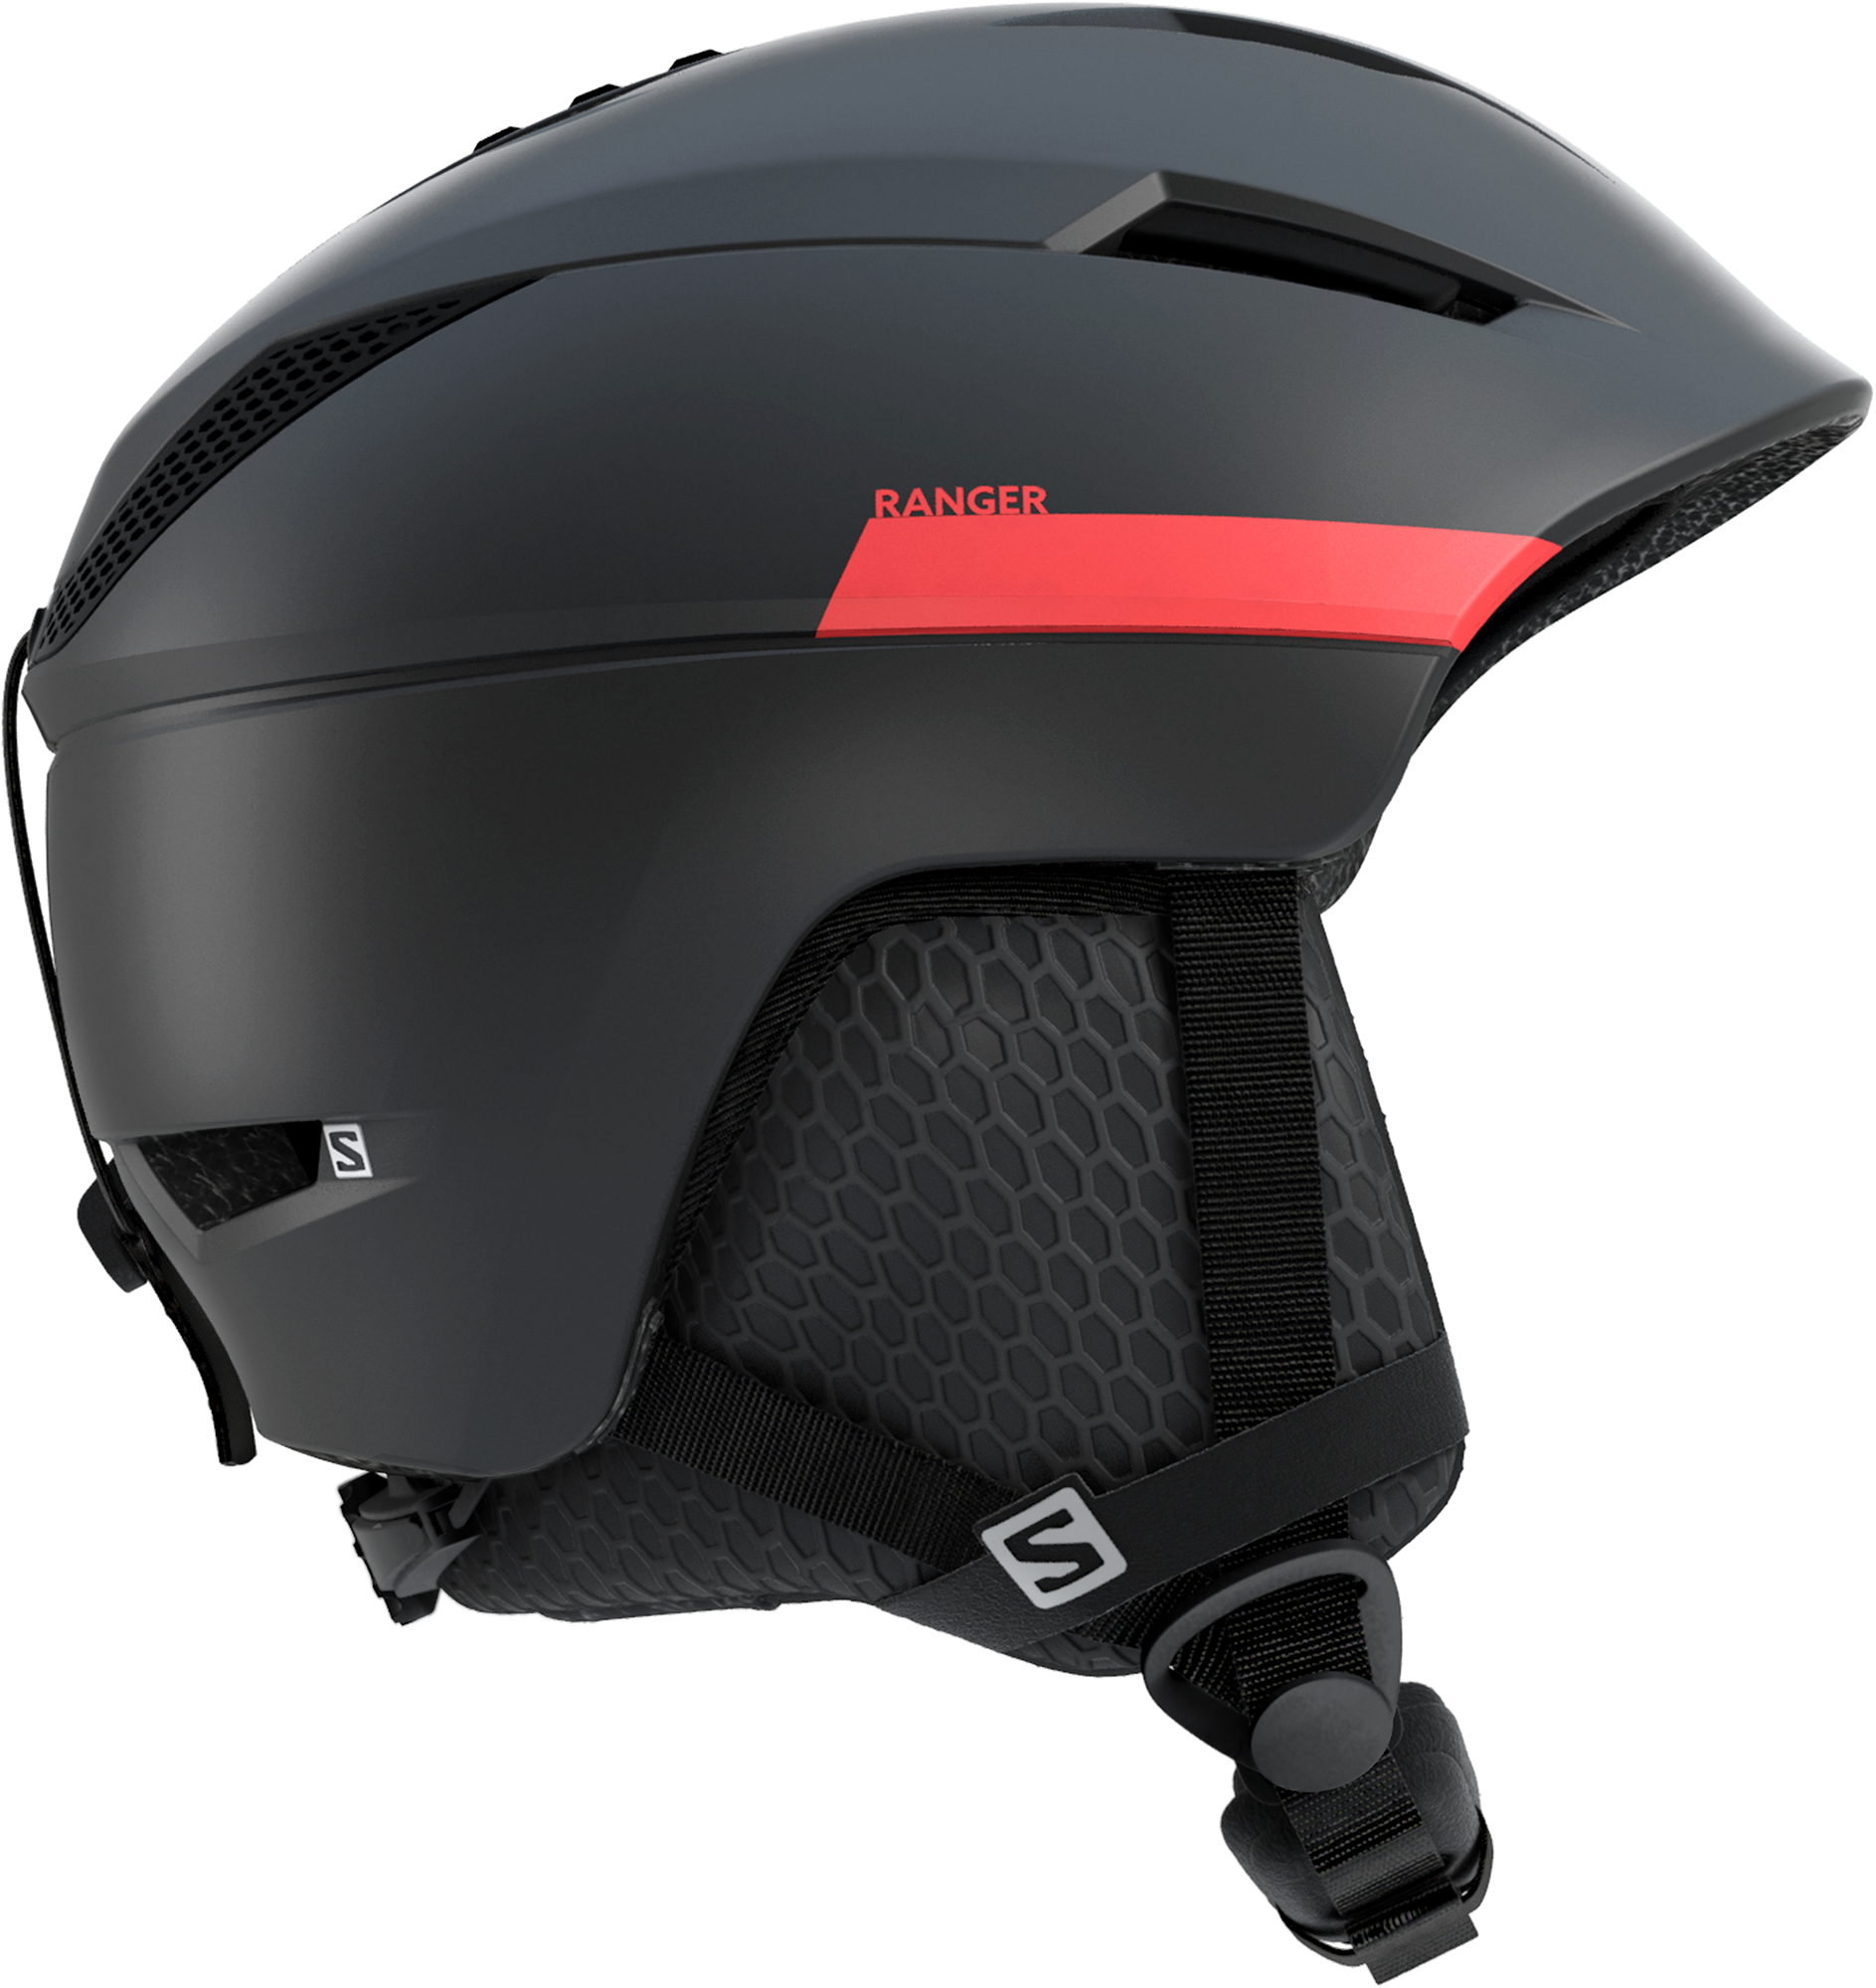 Salomon Шлем Ranger